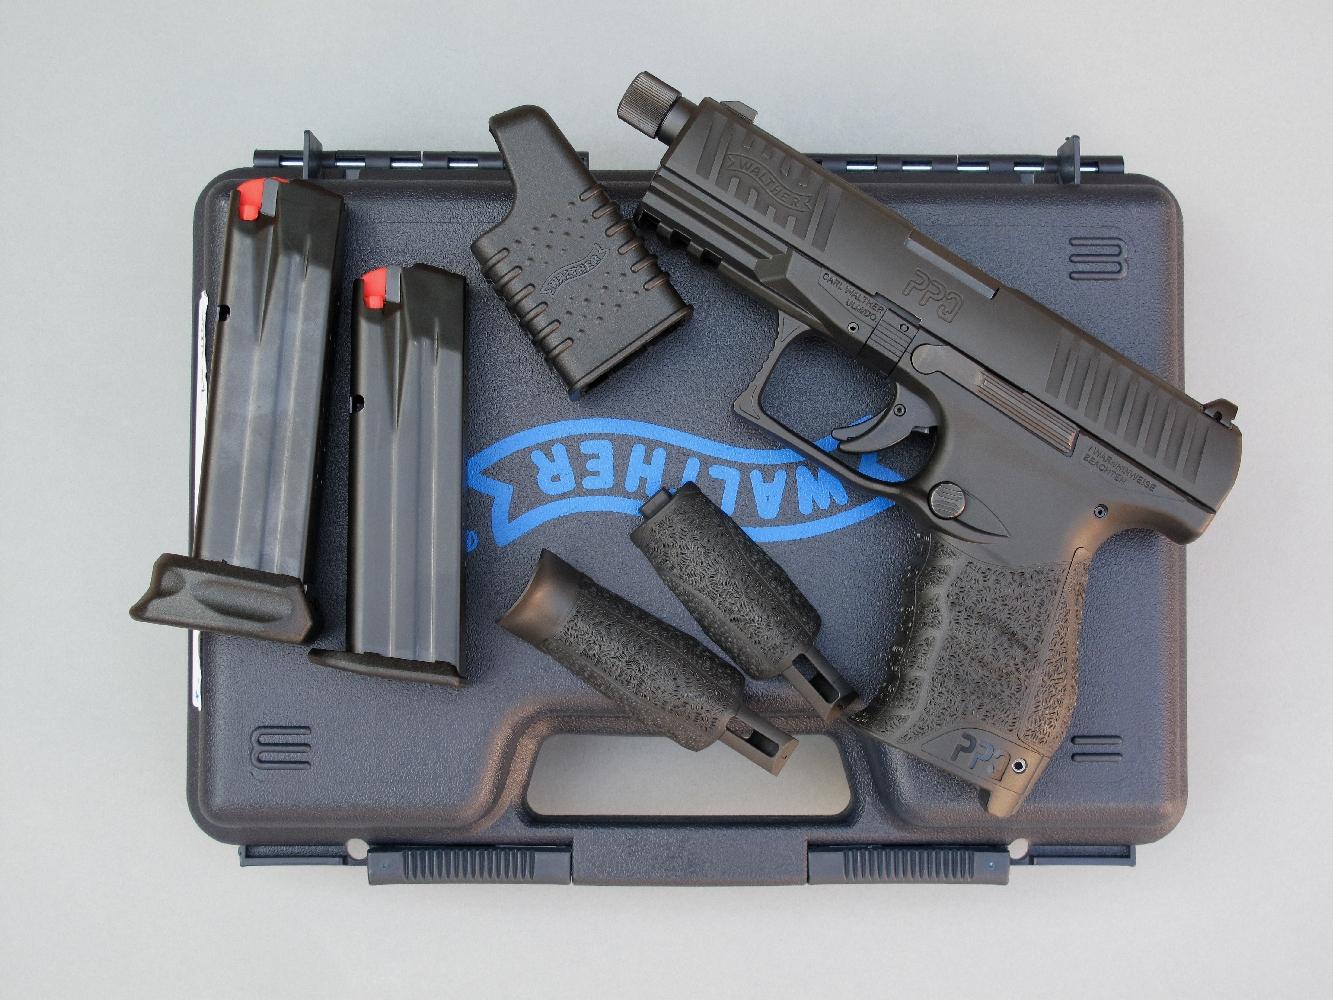 L'arme est livrée dans une mallette de transport, accompagnée par deux chargeurs (15 et 17 coups), une chargette et des dos interchangeables permettant de moduler la poignée en fonction de la morphologie de l'utilisateur.